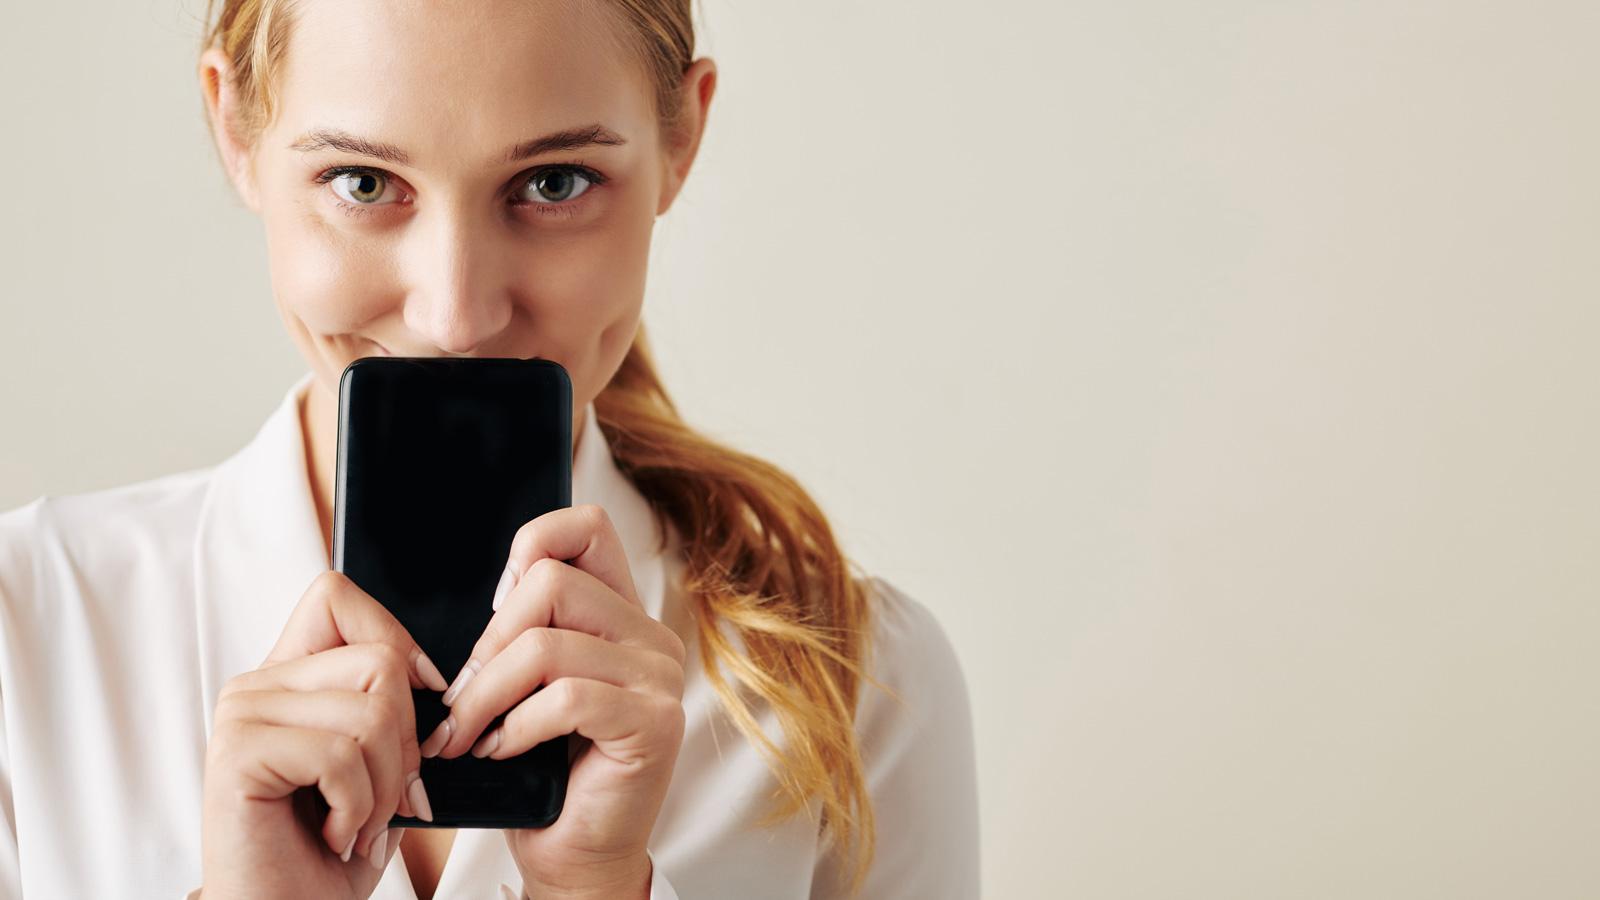 Aktywność Polaków na smartfonach –BADANIE Spicy Mobile mediarun smarphone kobieta 2020